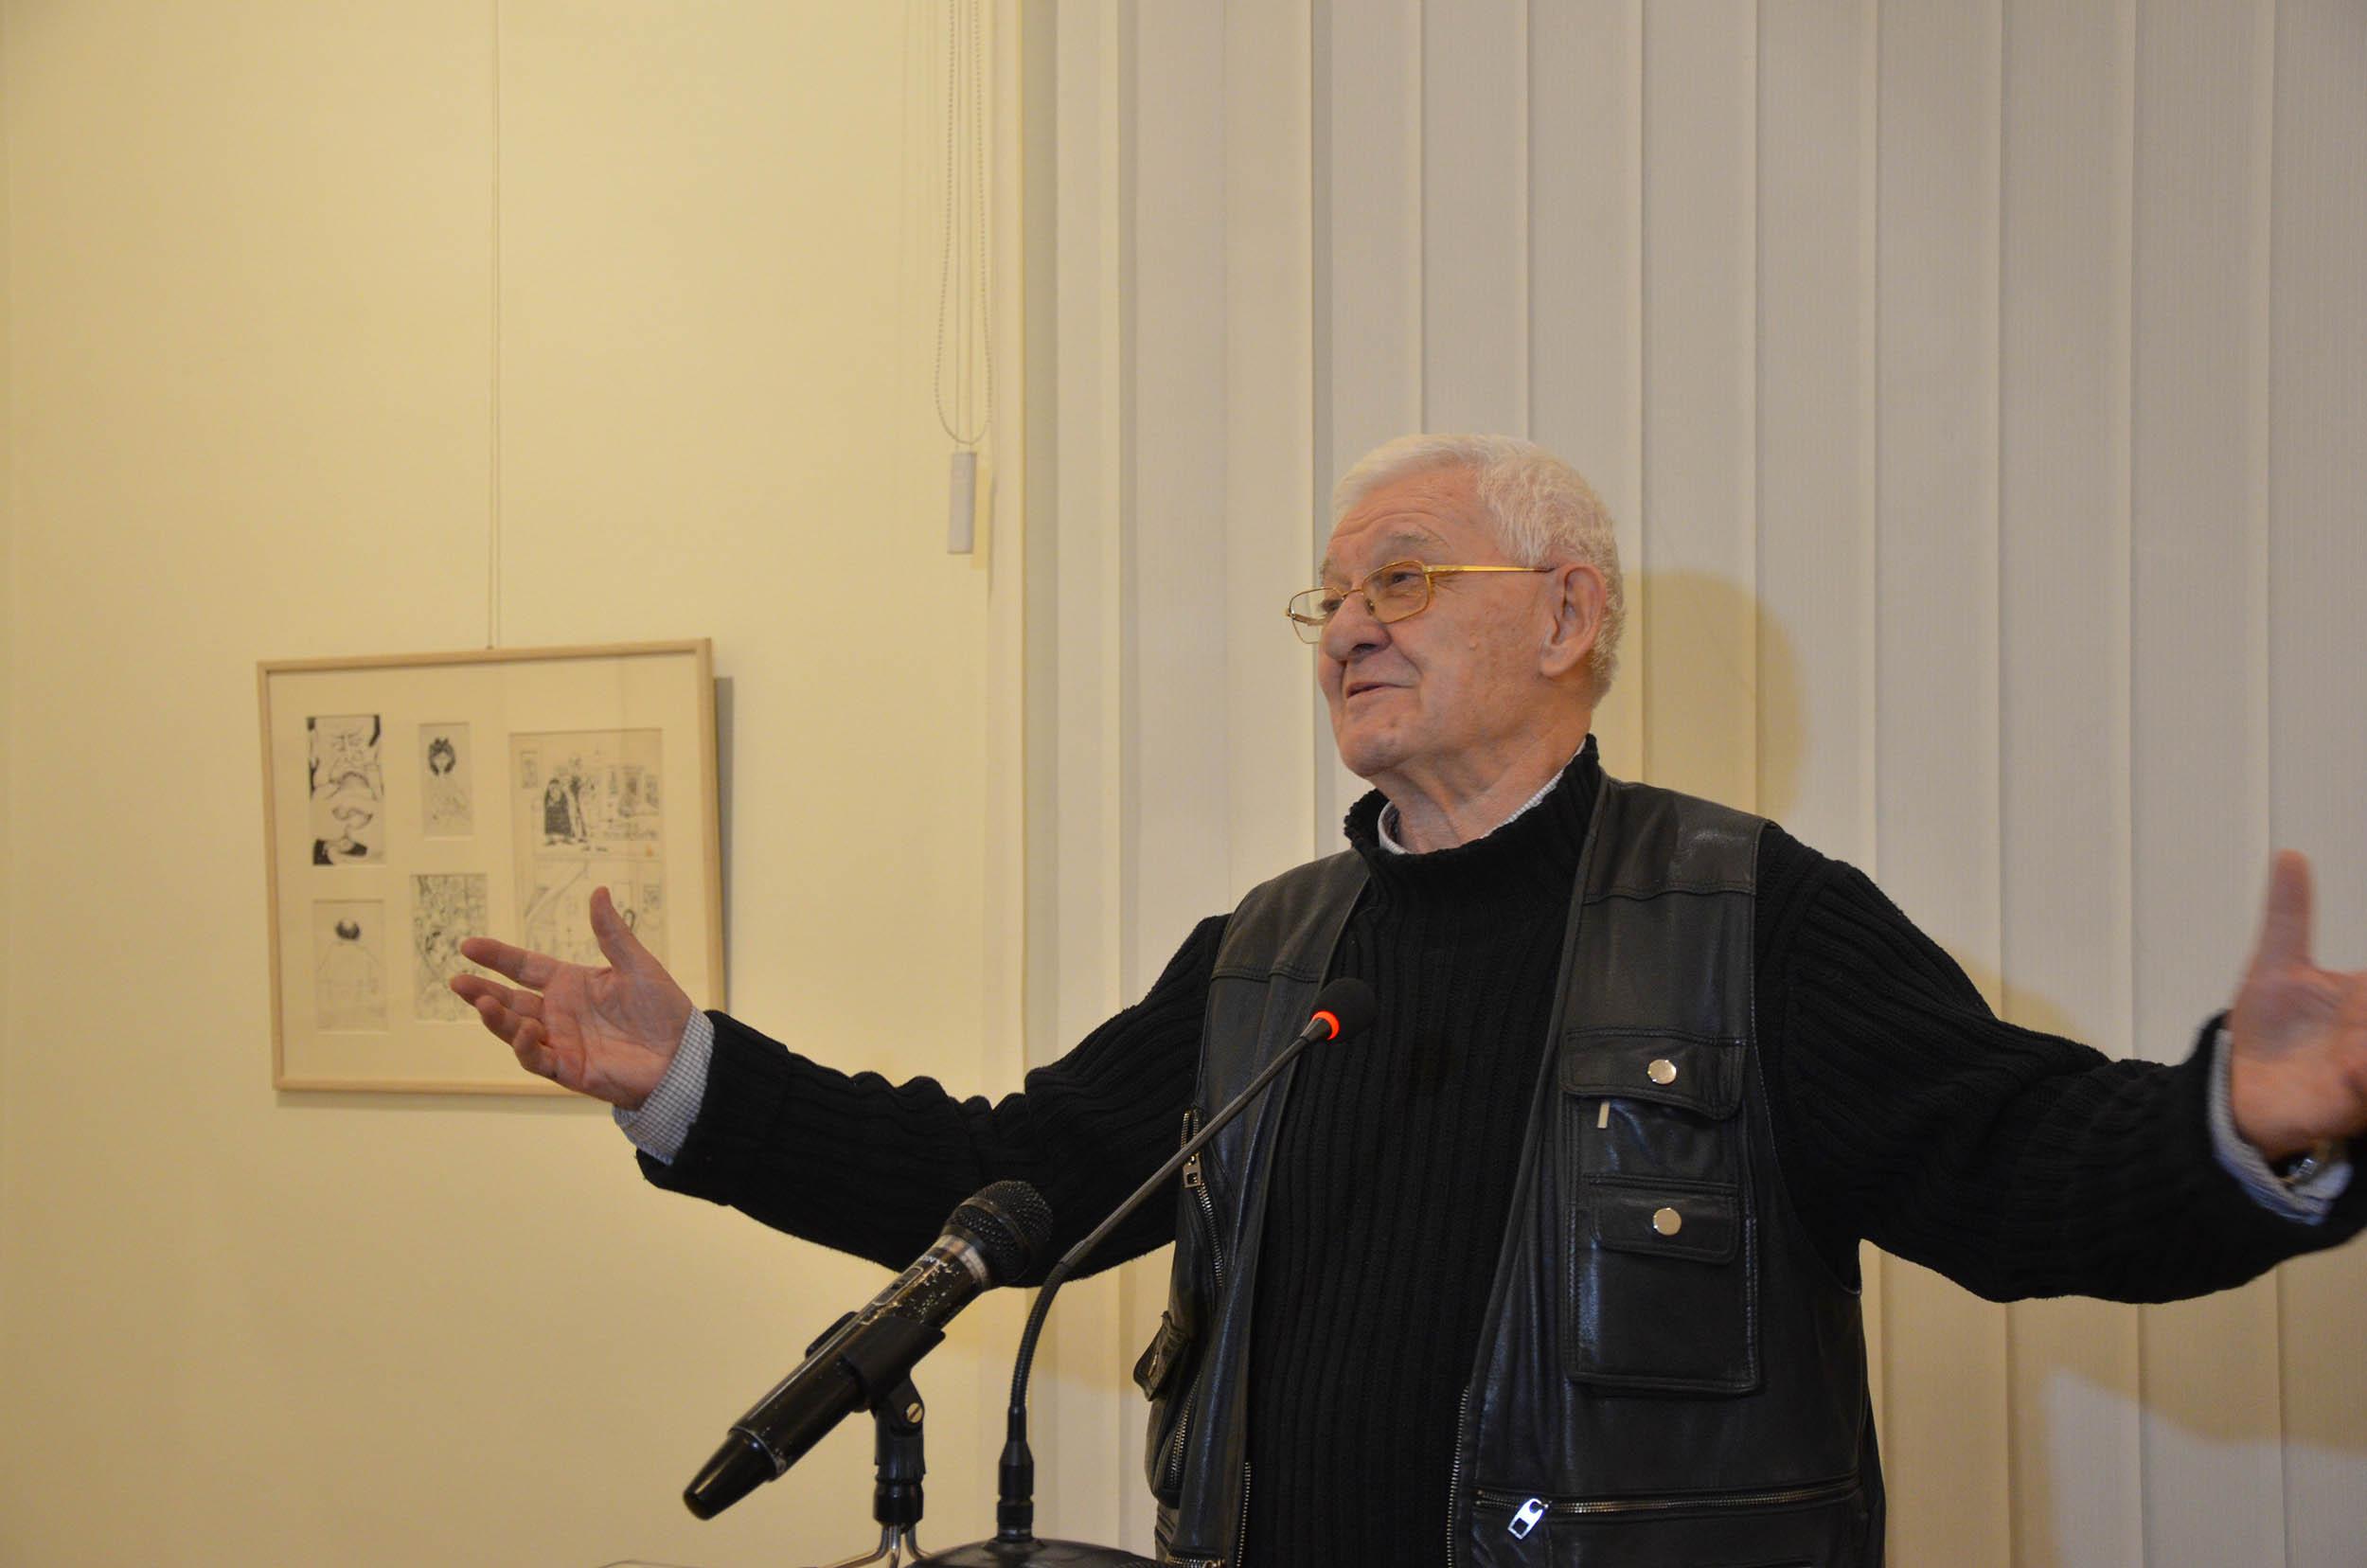 Цртежи и слике Игора Васиљева